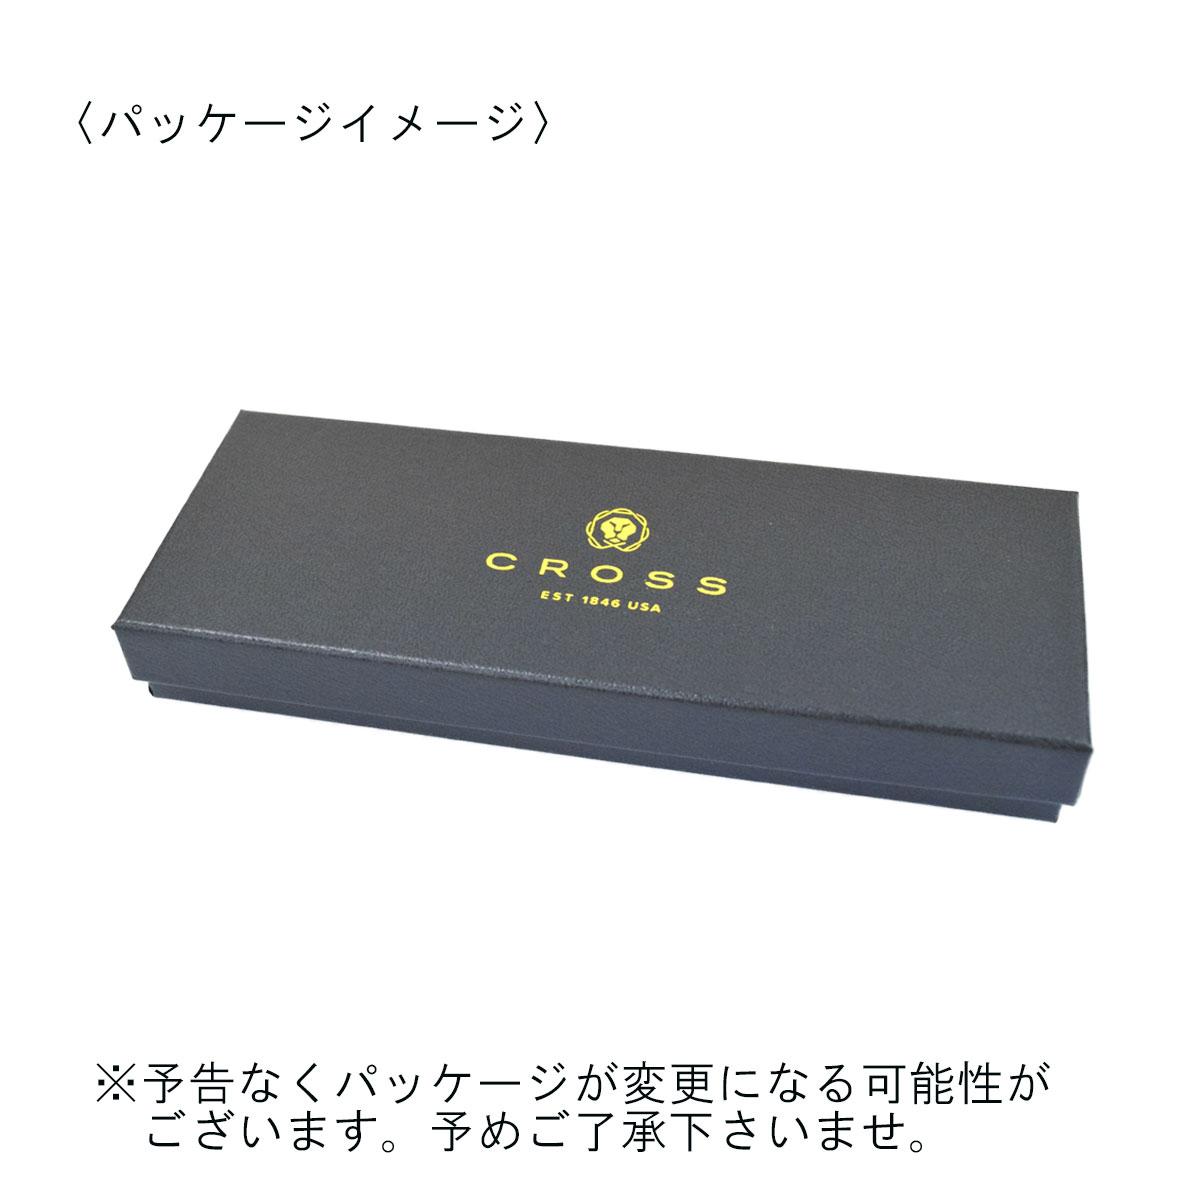 クロス ベイリーライト ボールペン(ゴールドプレート) NAT0742